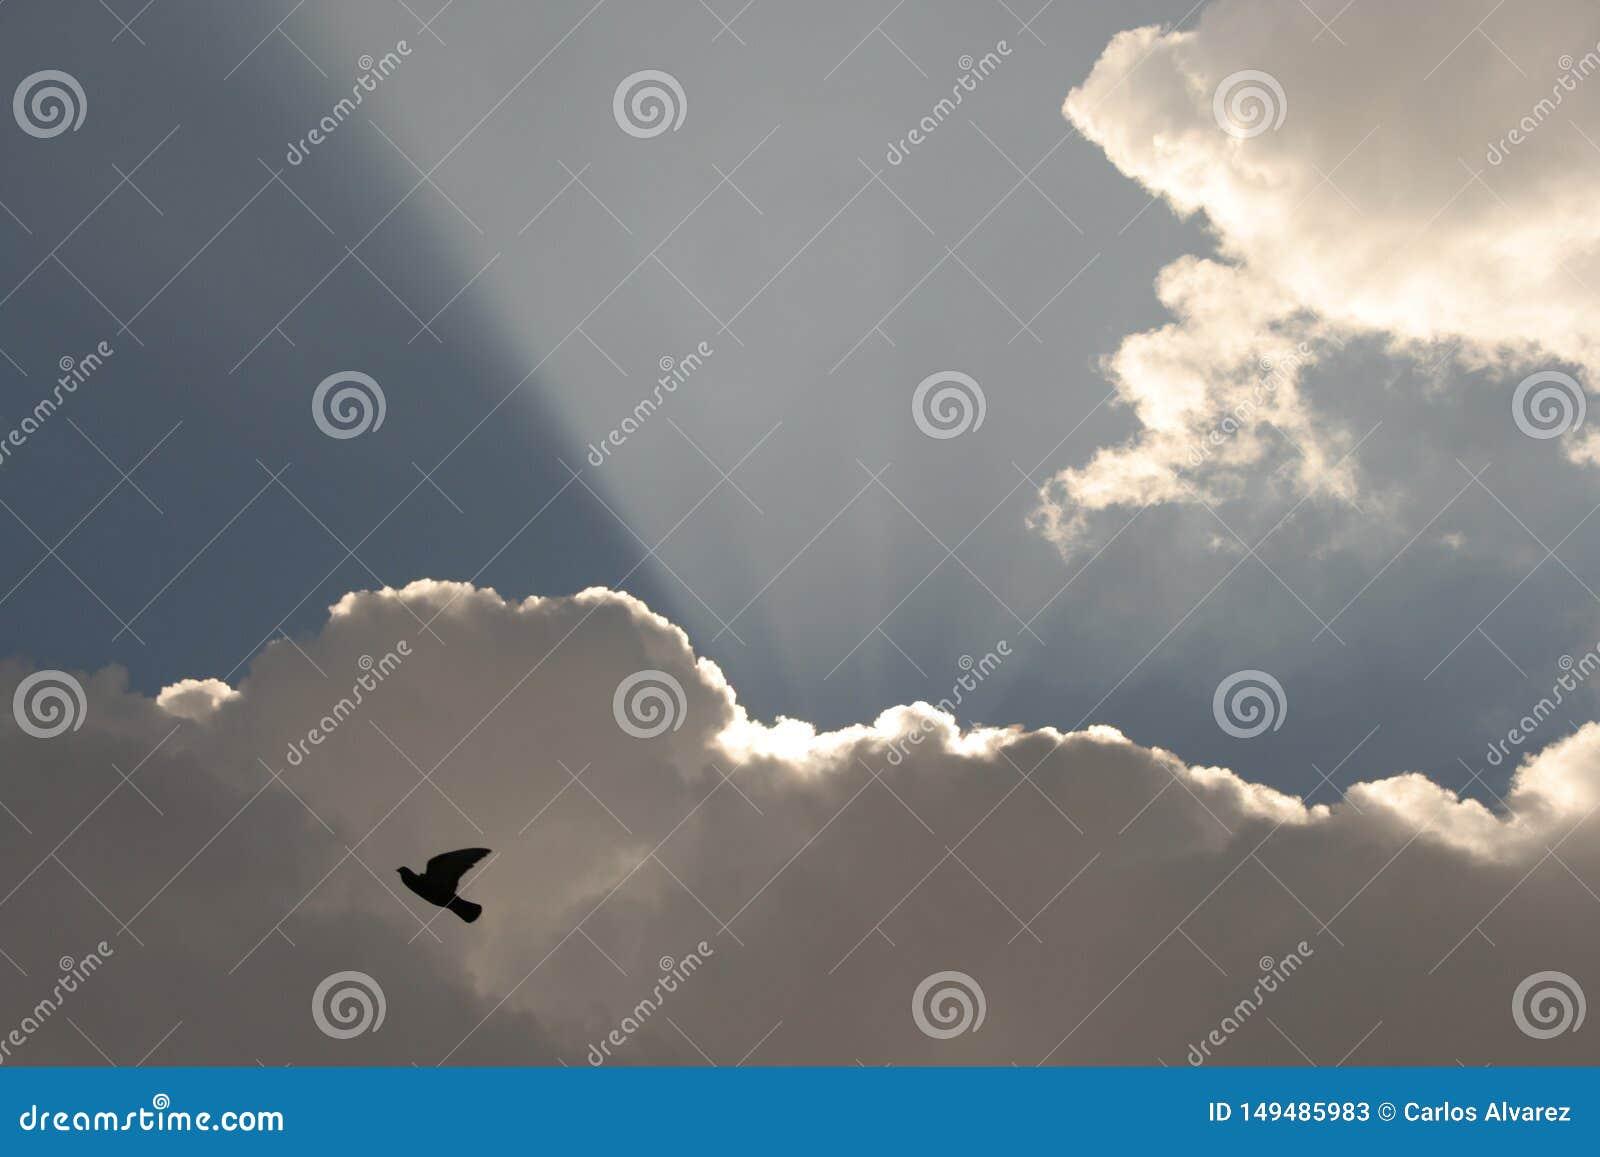 Голубь на облаках с